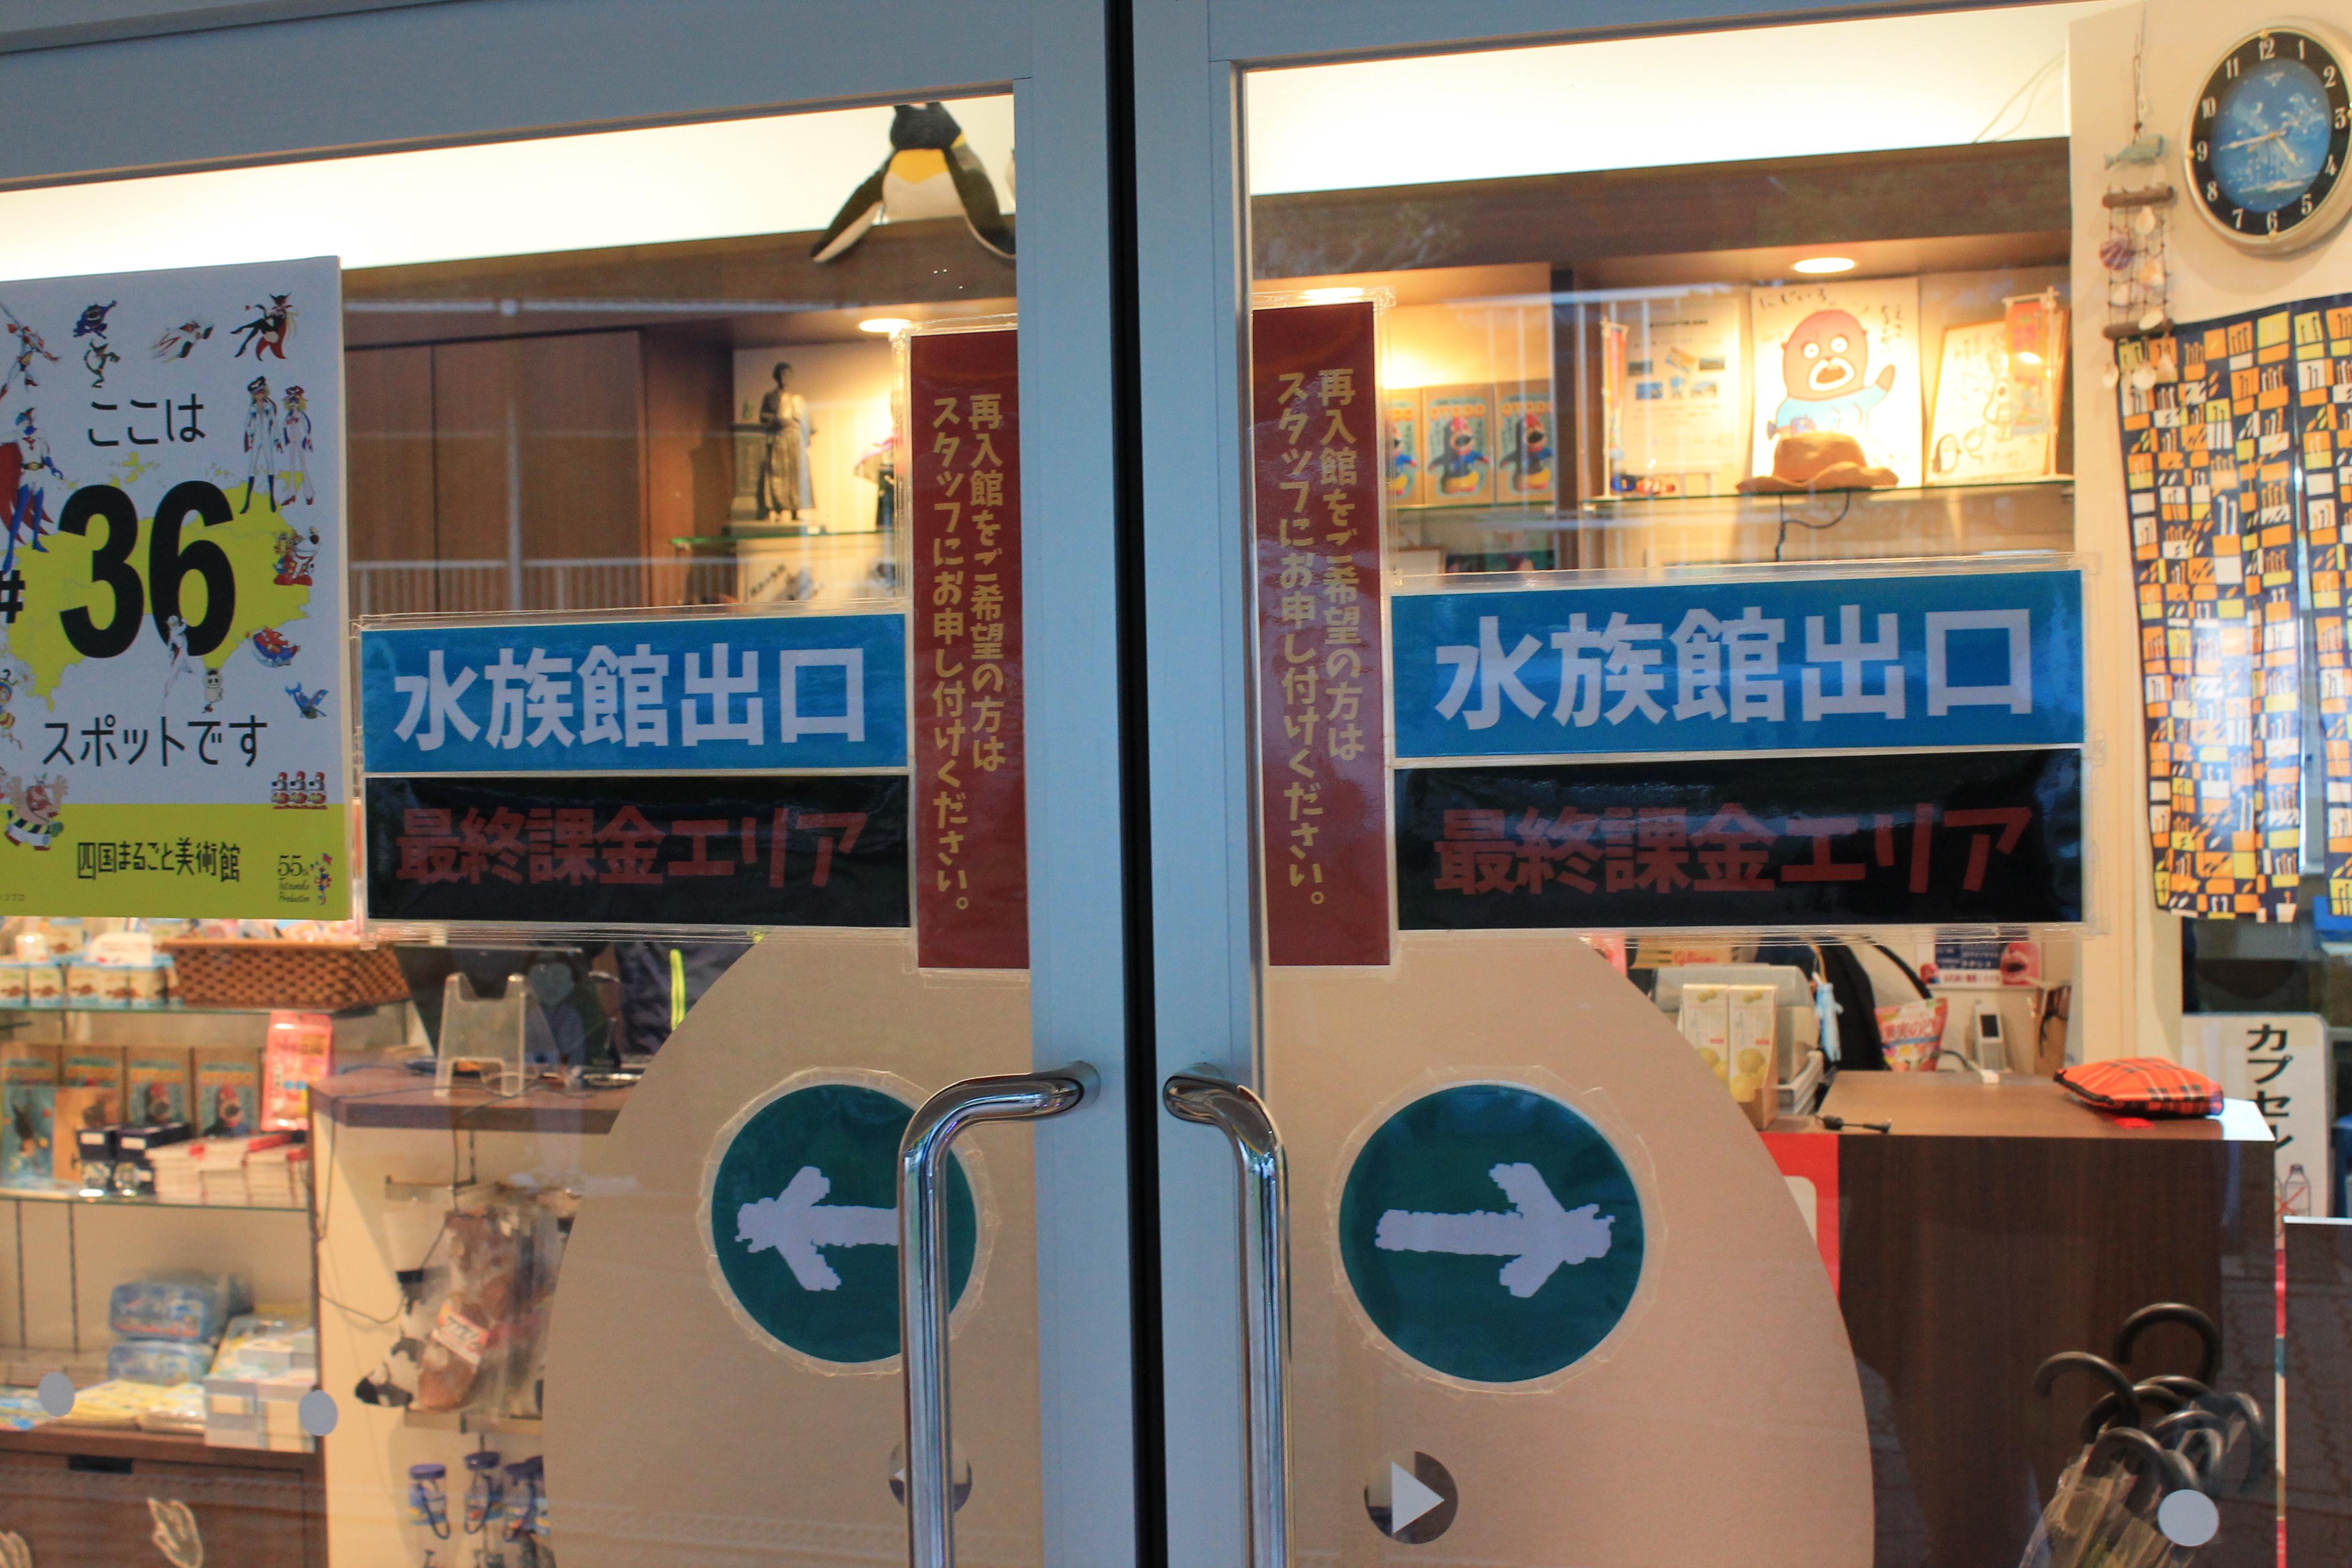 桂浜水族館のお土産売場